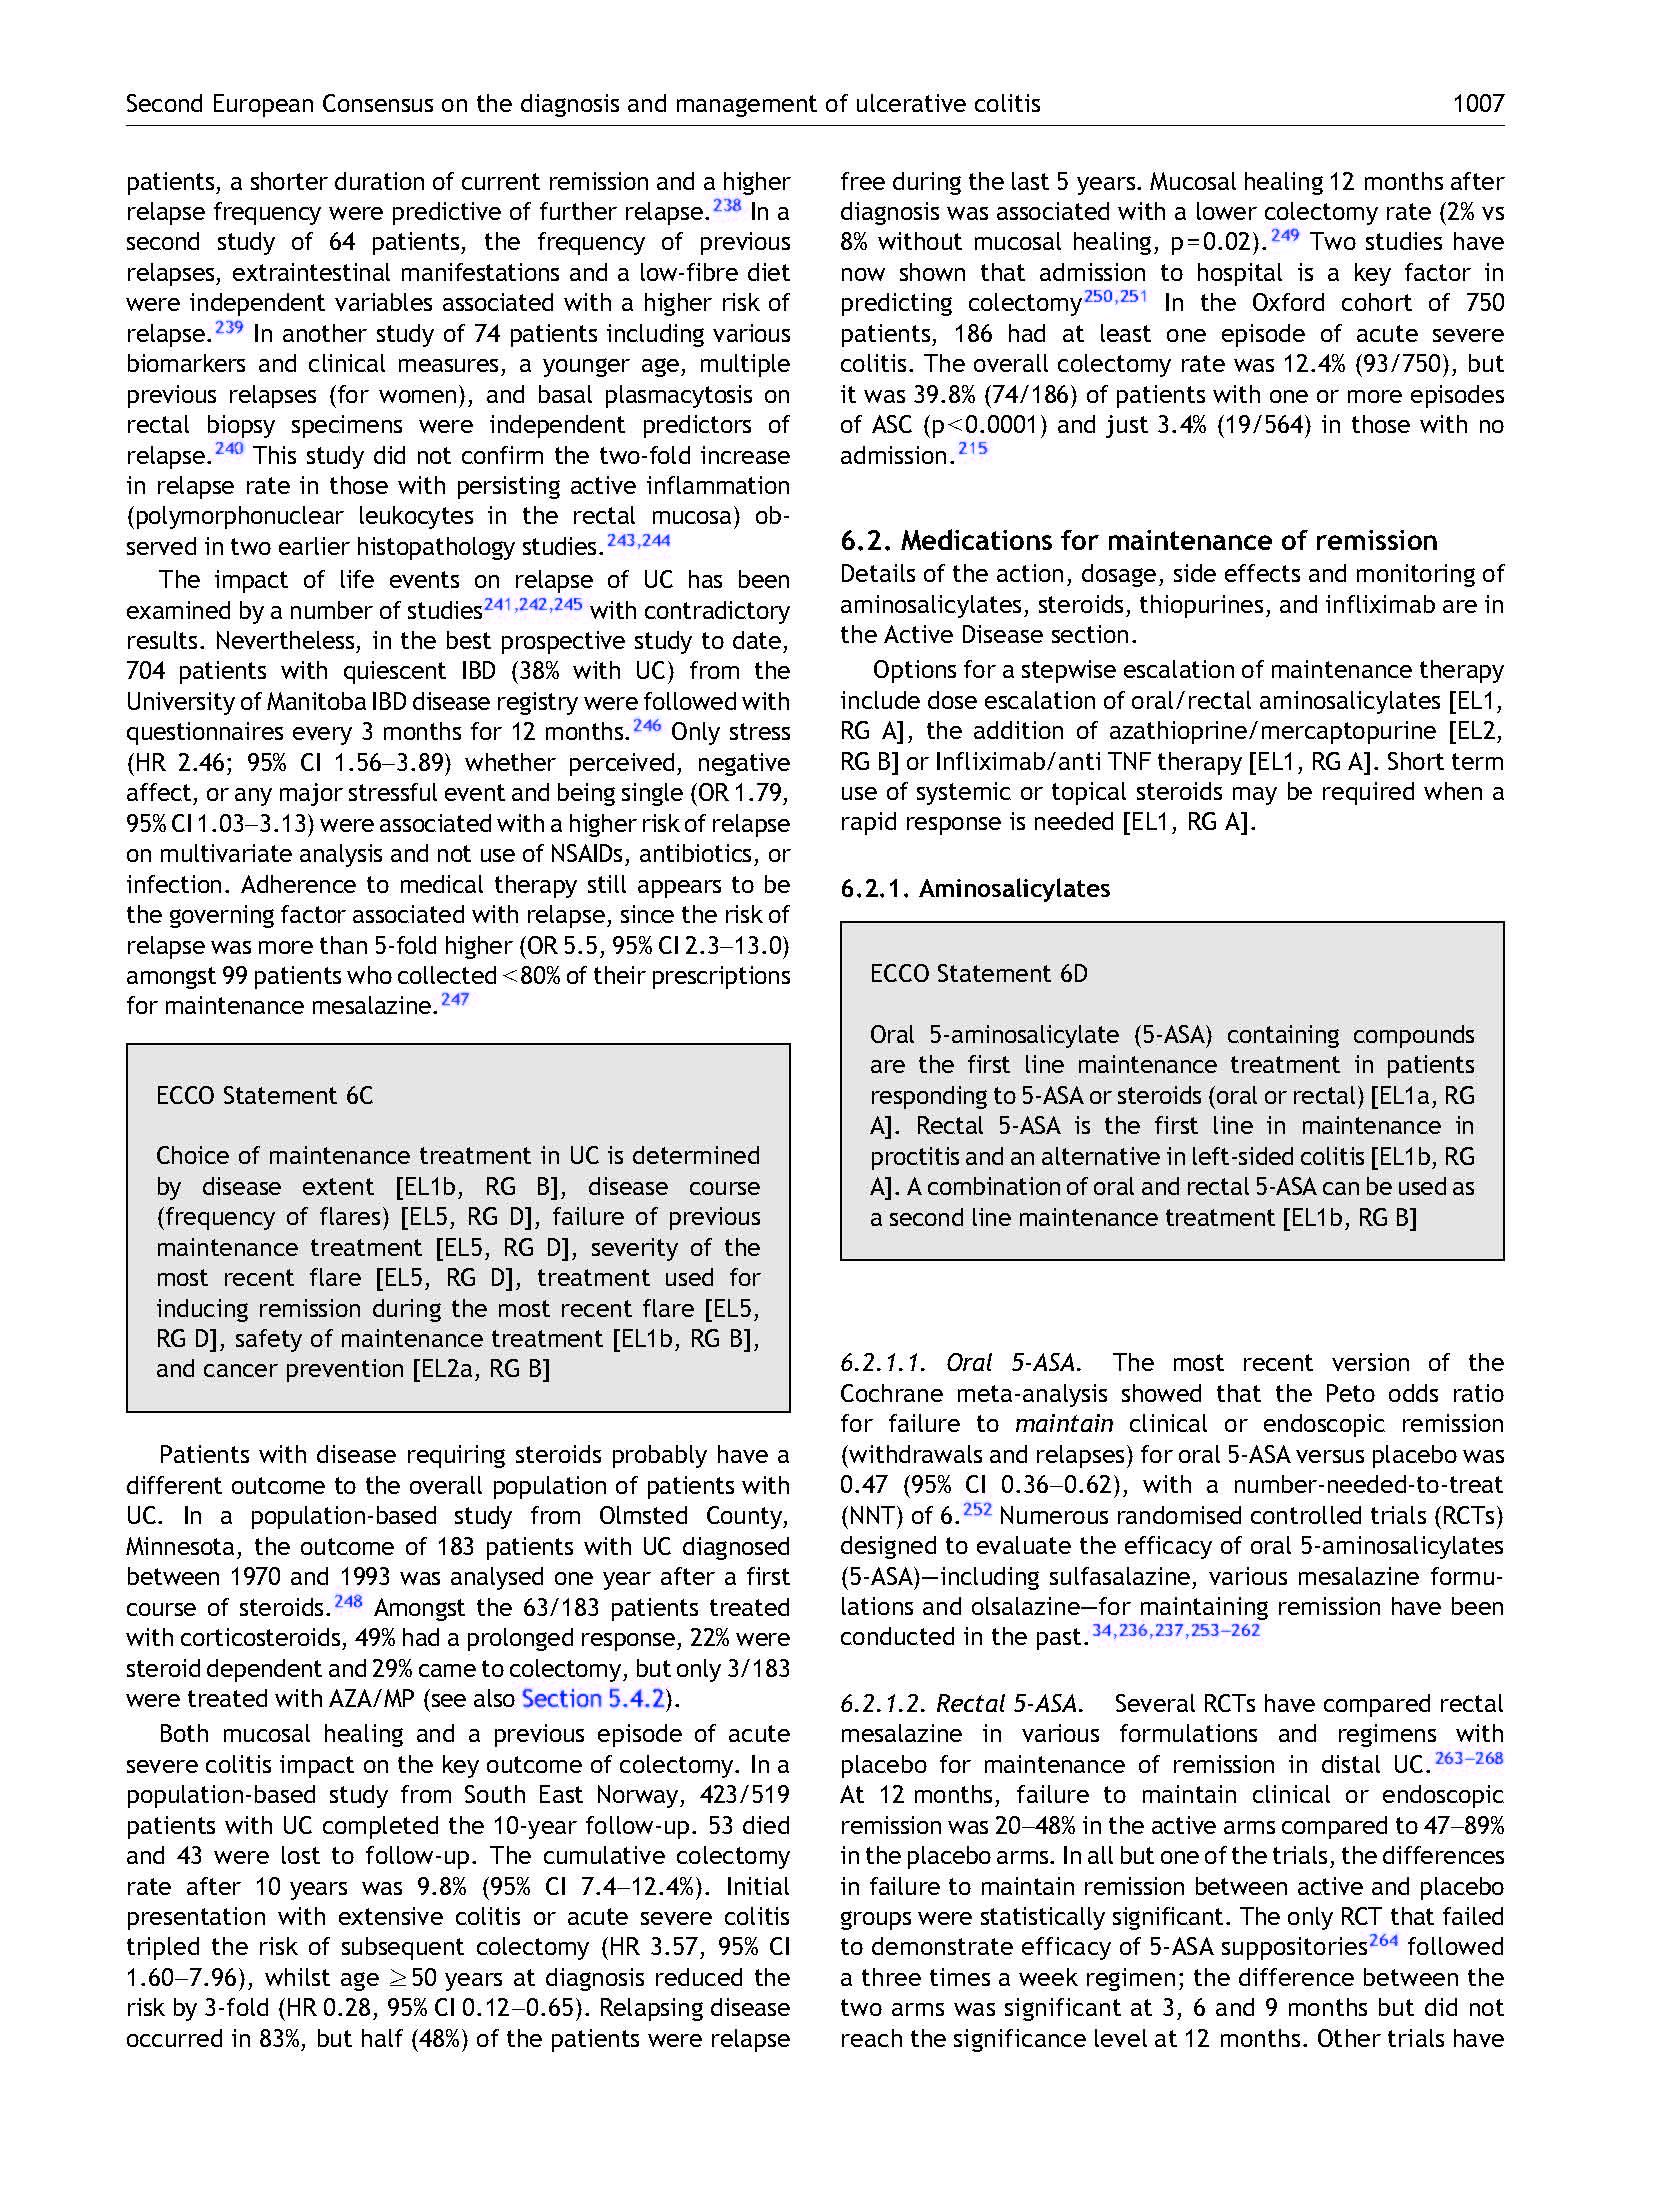 2012-ECCO第二版-欧洲询证共识:溃疡性结肠炎的诊断和处理—日常处理_页面_17.jpg